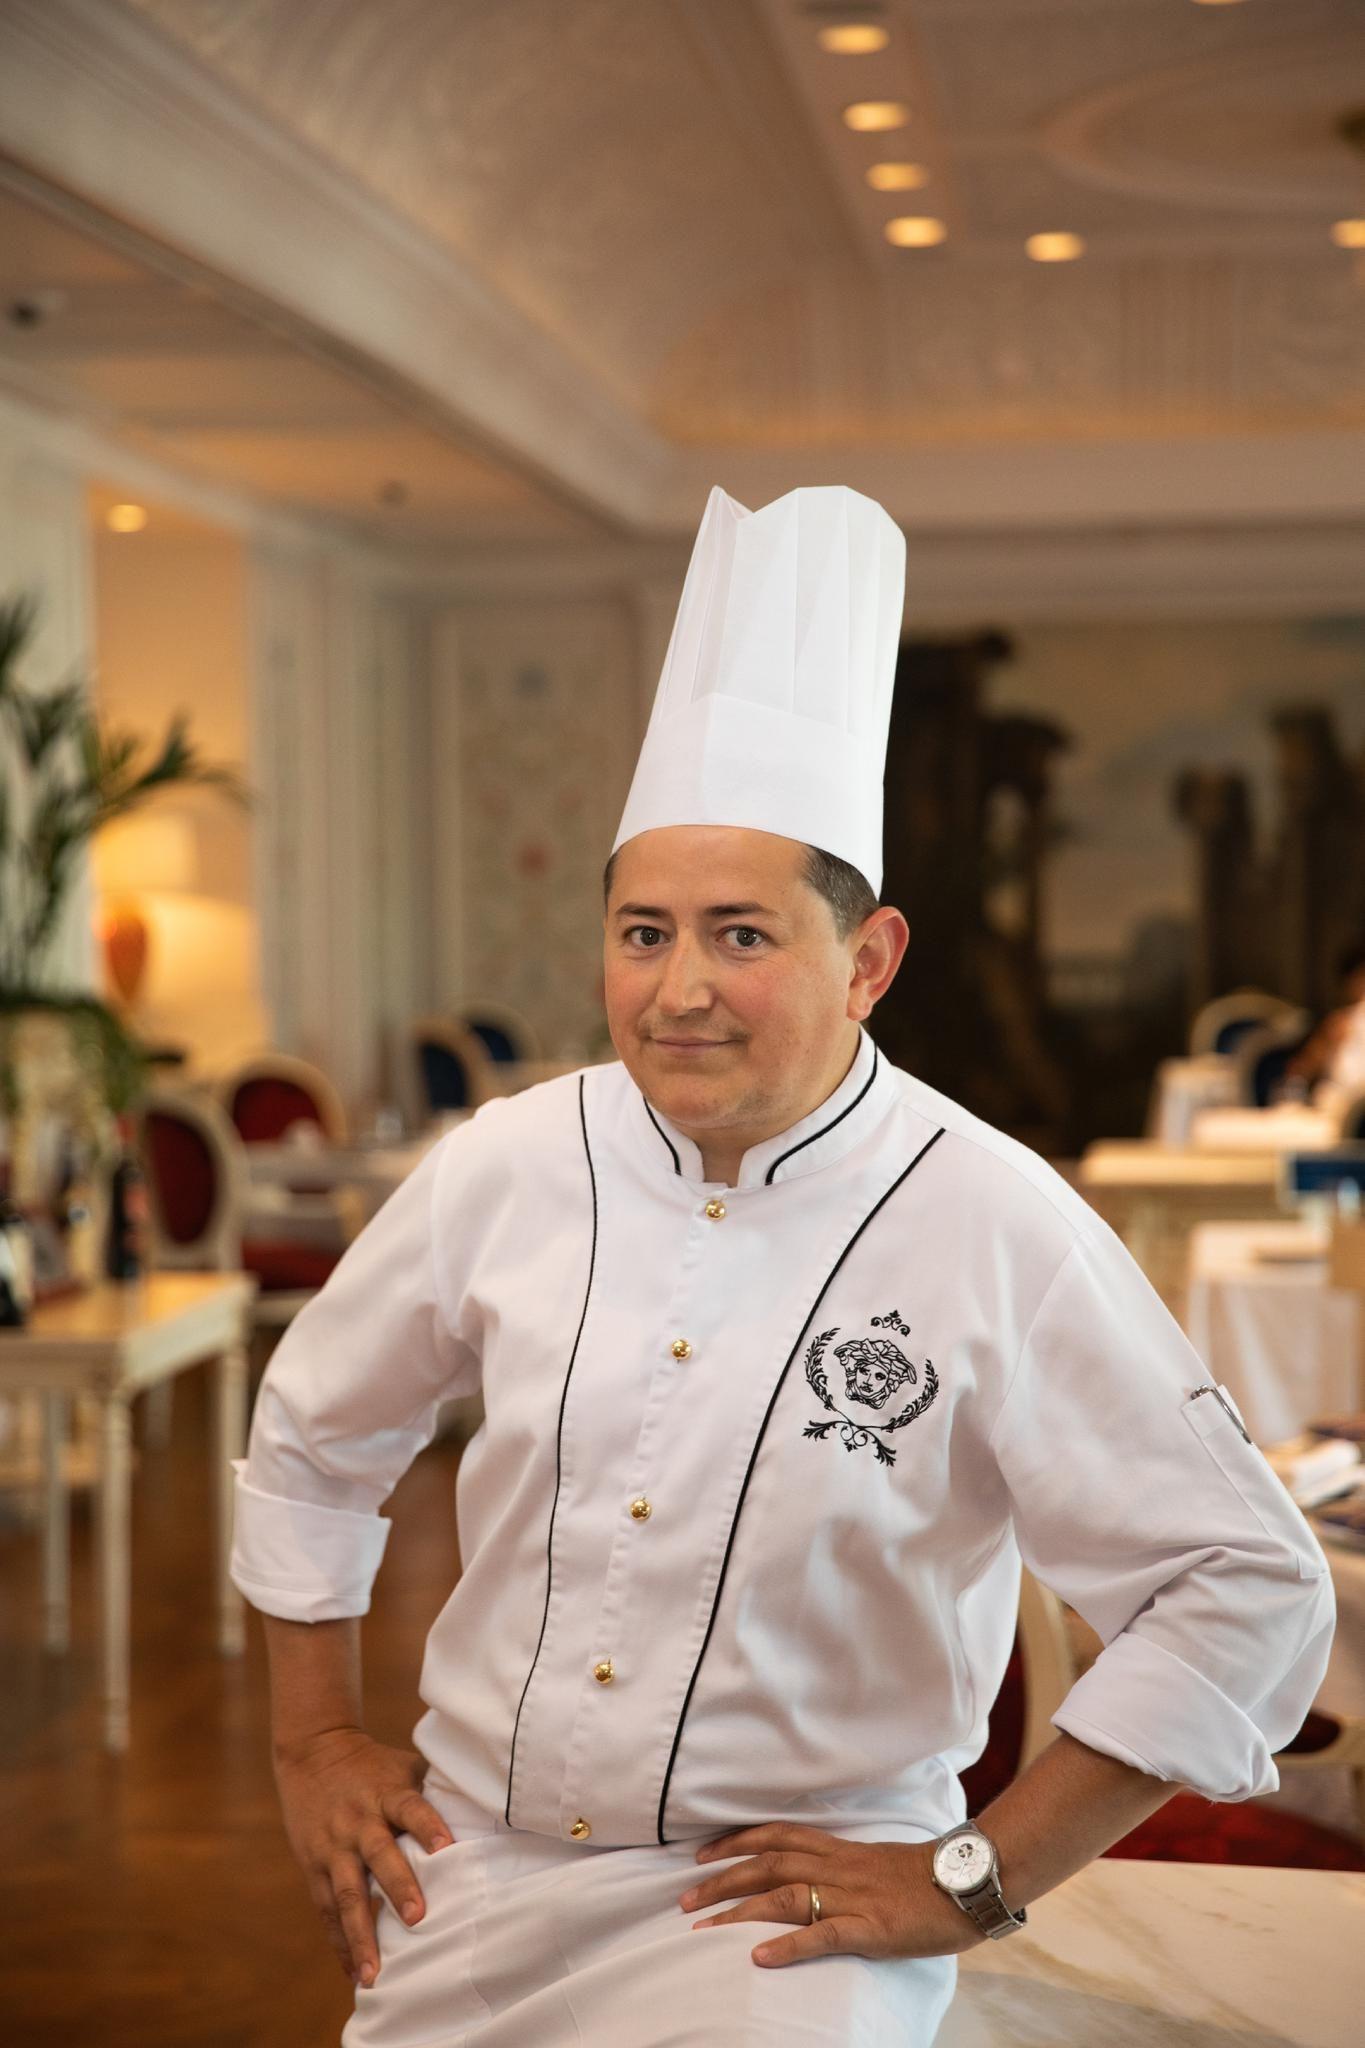 Chef Marco Legittimo